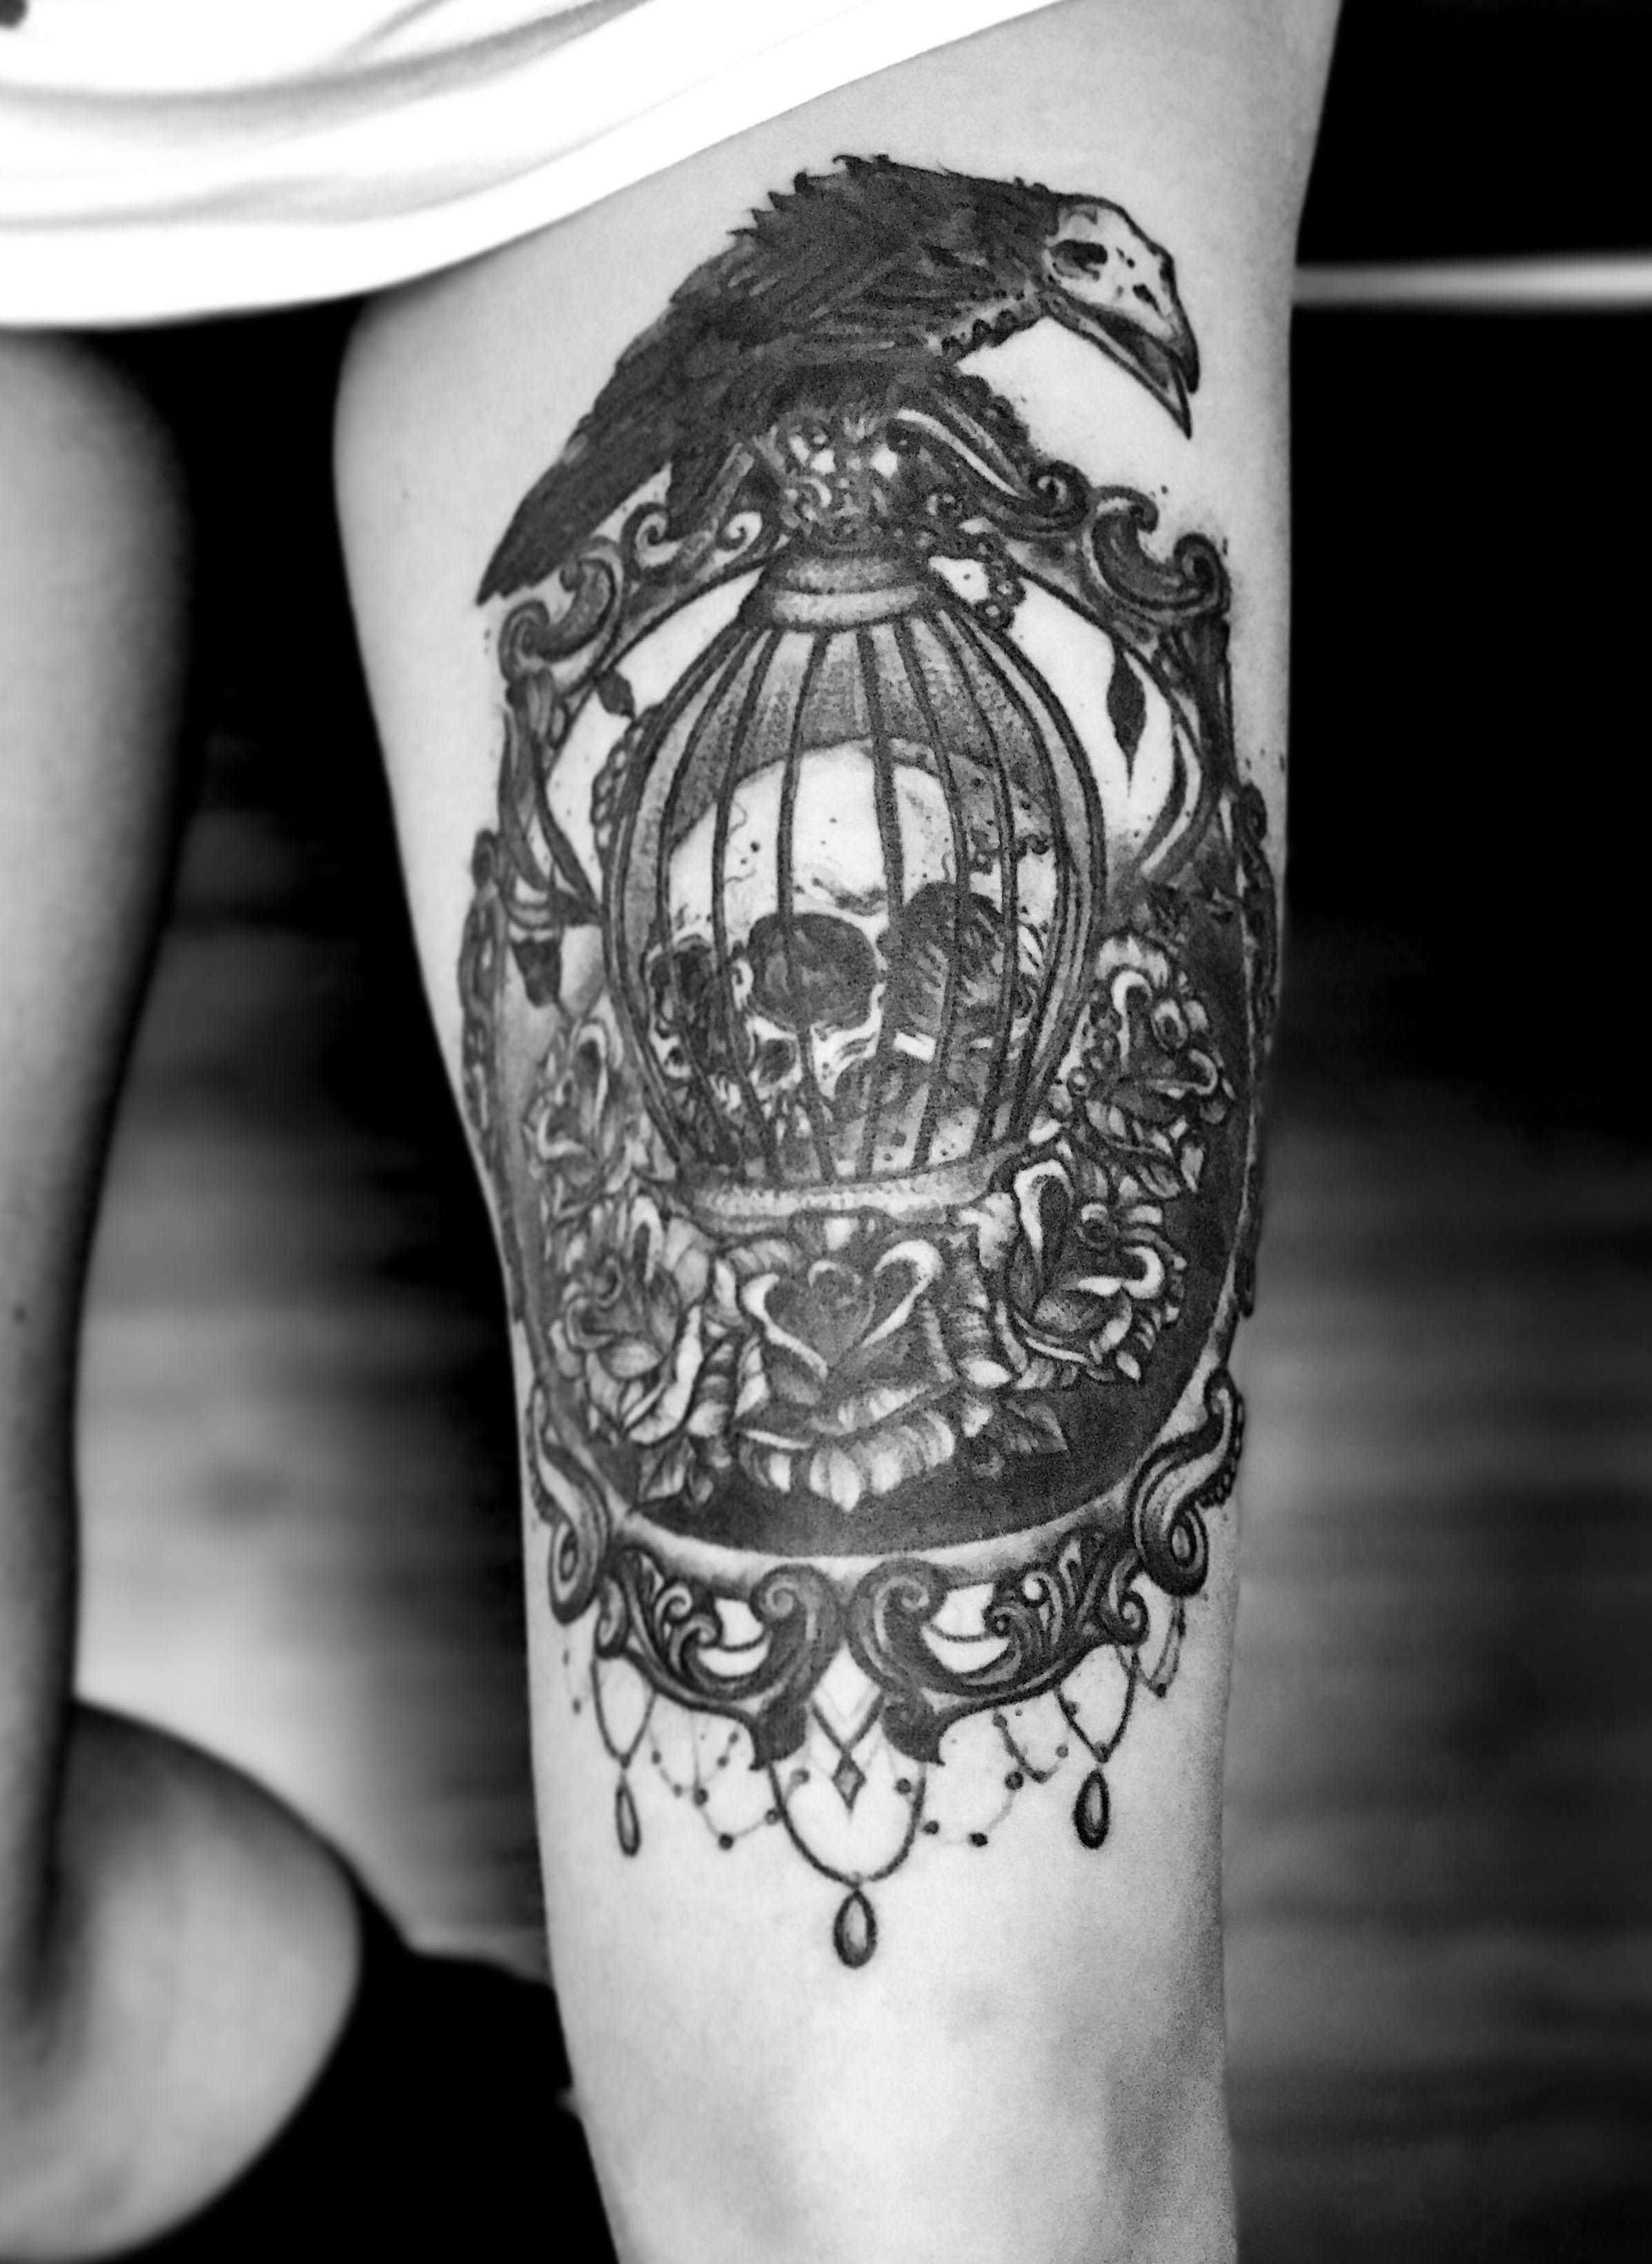 Skull cage